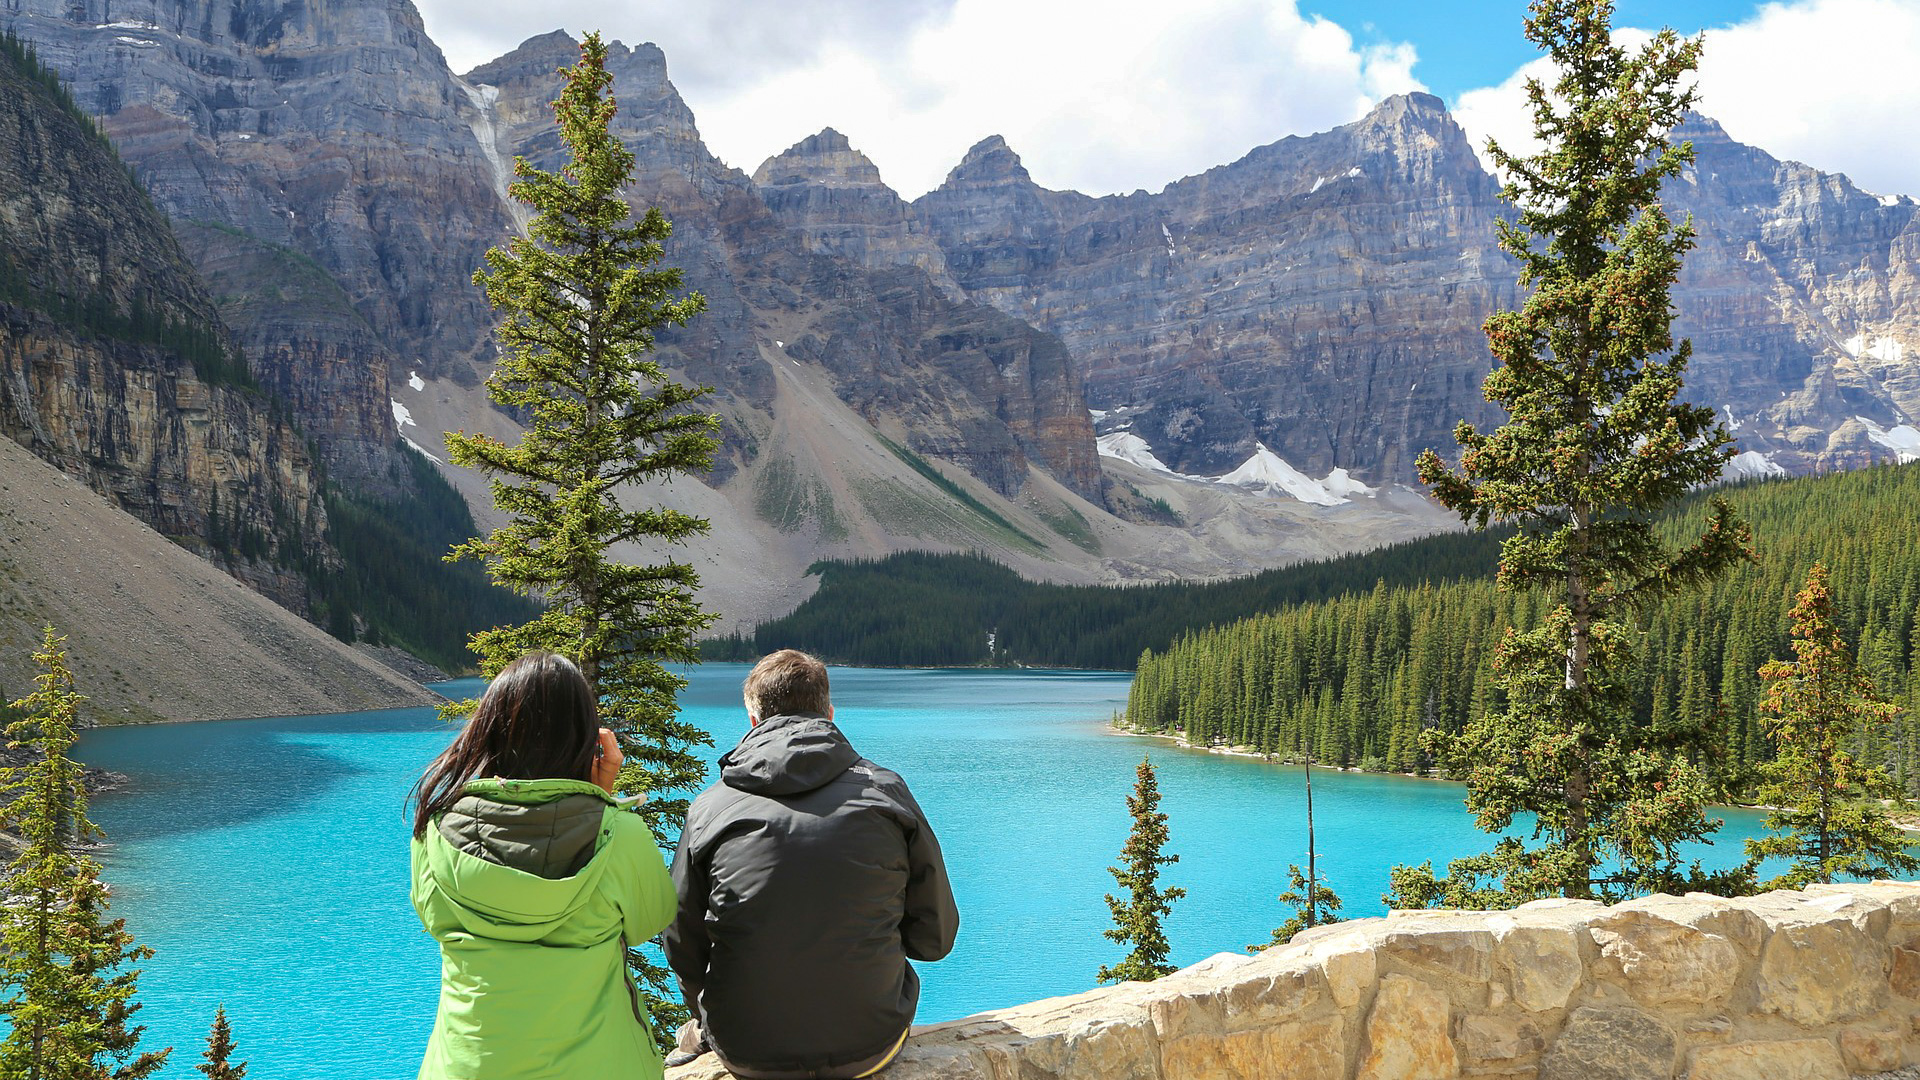 Wandern in den Rocky Mountains - Atemberaubend und fazinierend!